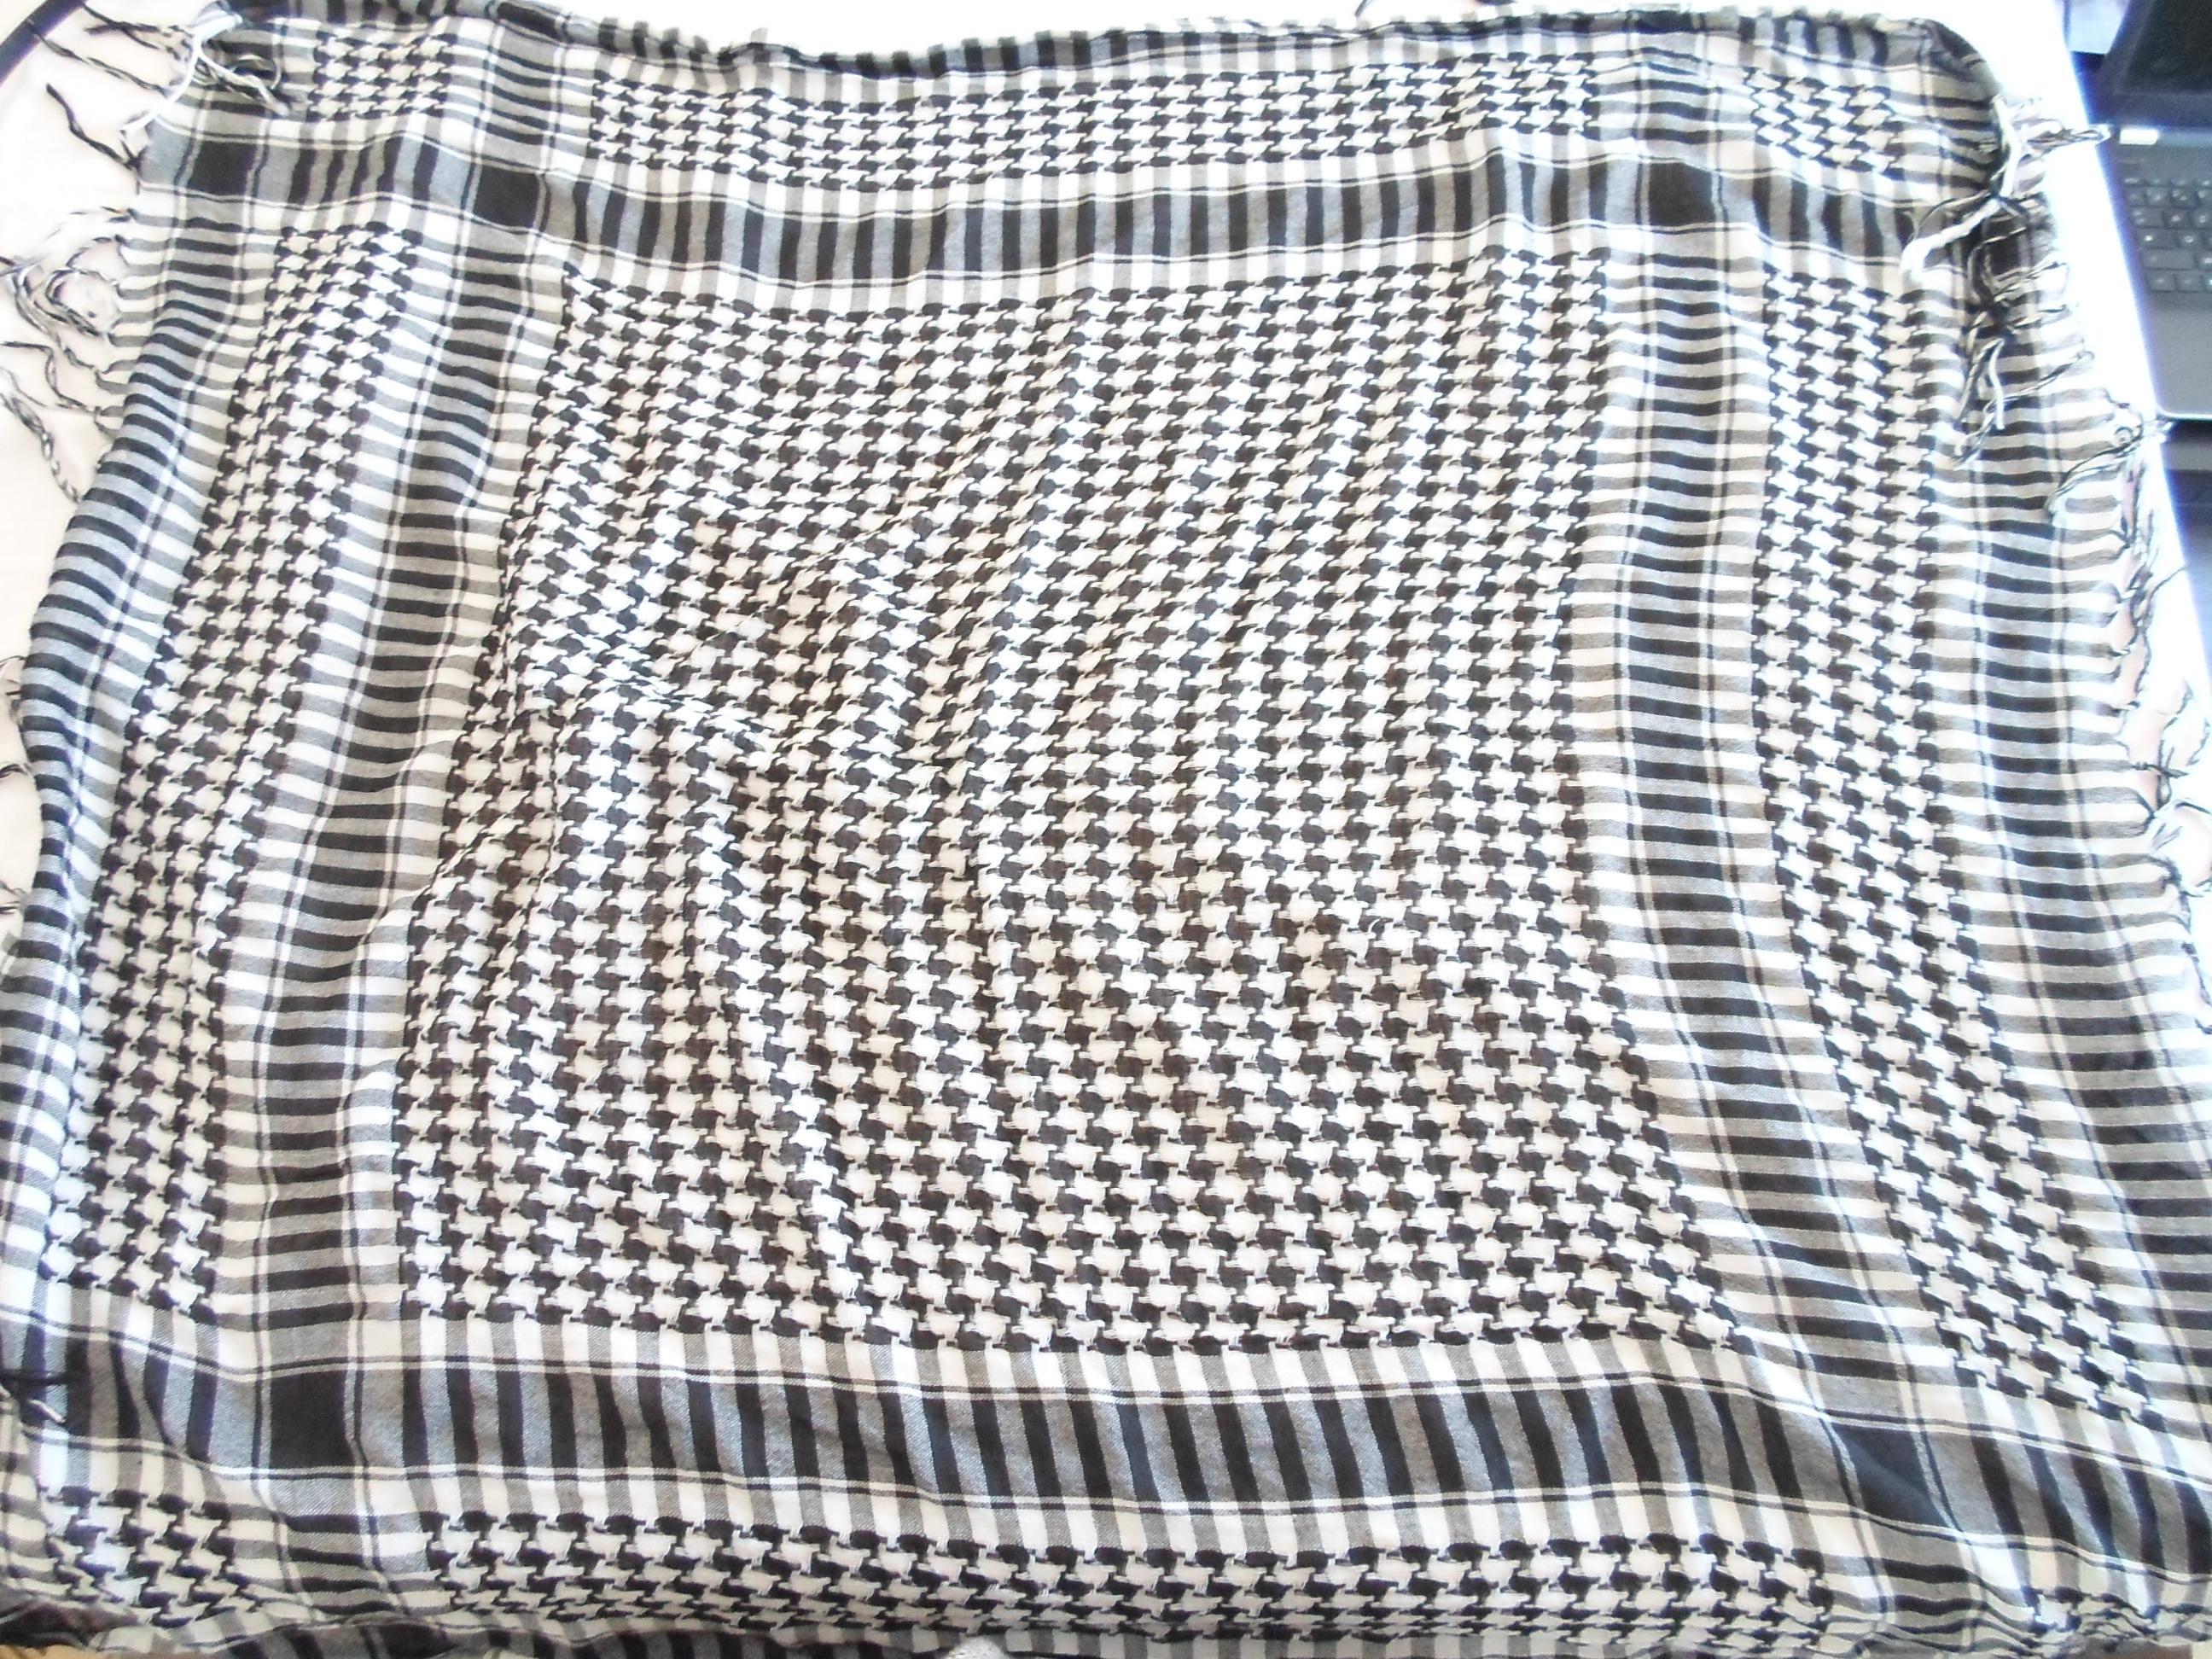 troc de troc echarpe noire et blanche image 0